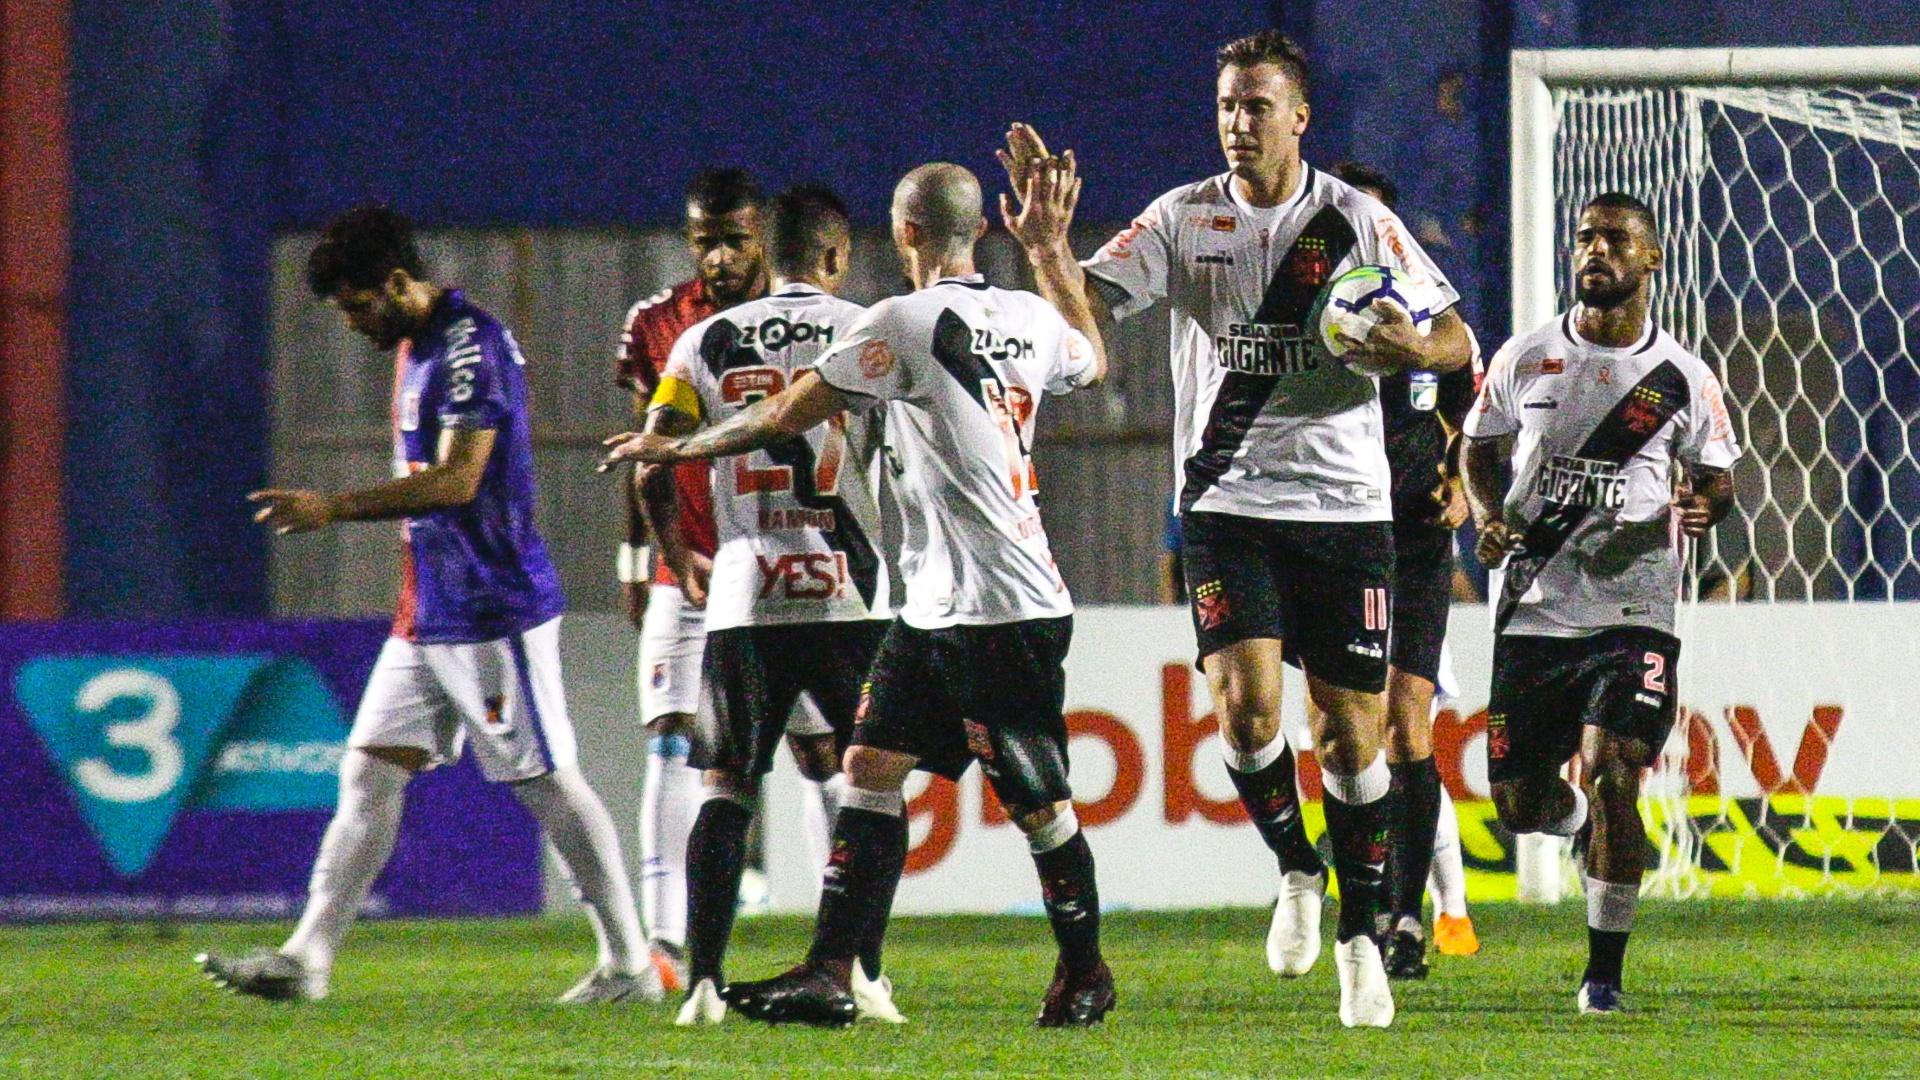 Maxi López comemora gol marcado pelo Vasco contra o Paraná, pelo Brasileirão